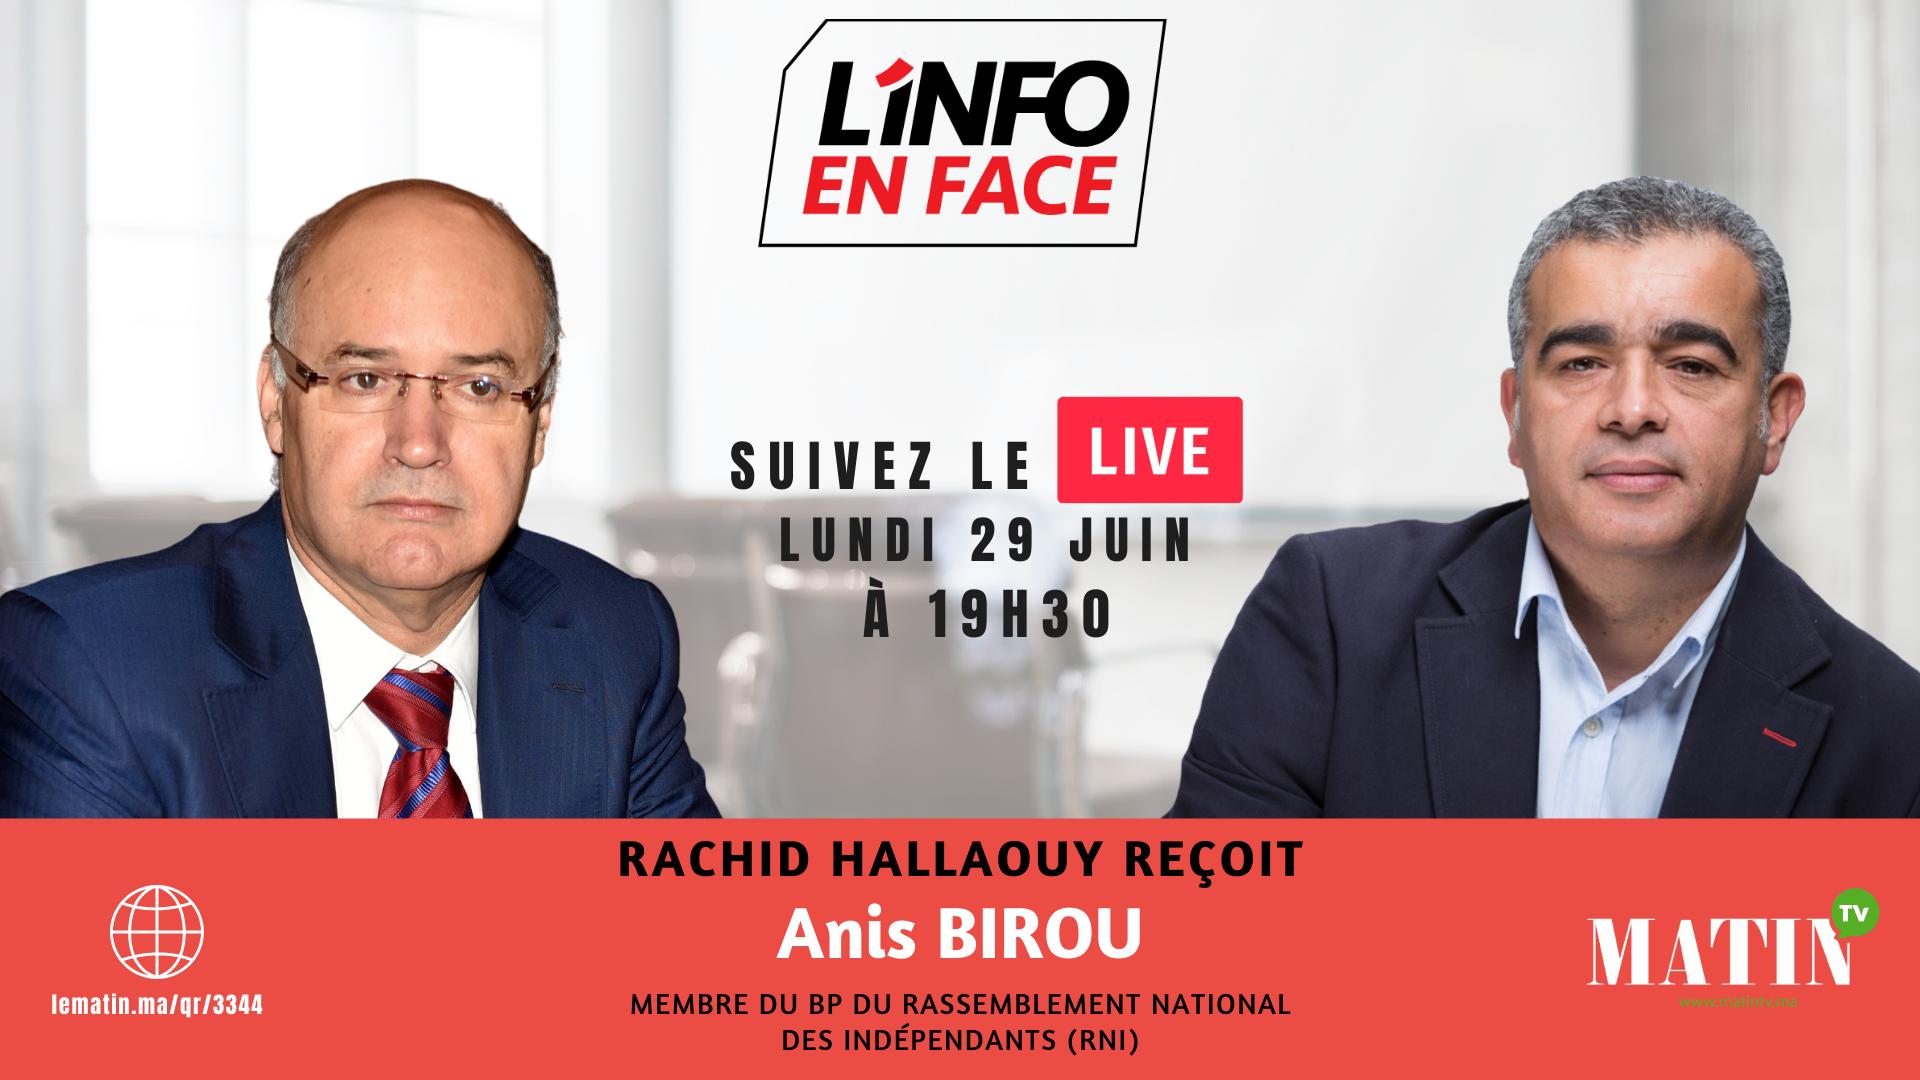 Live : L'Info en Face avec Anis Birou